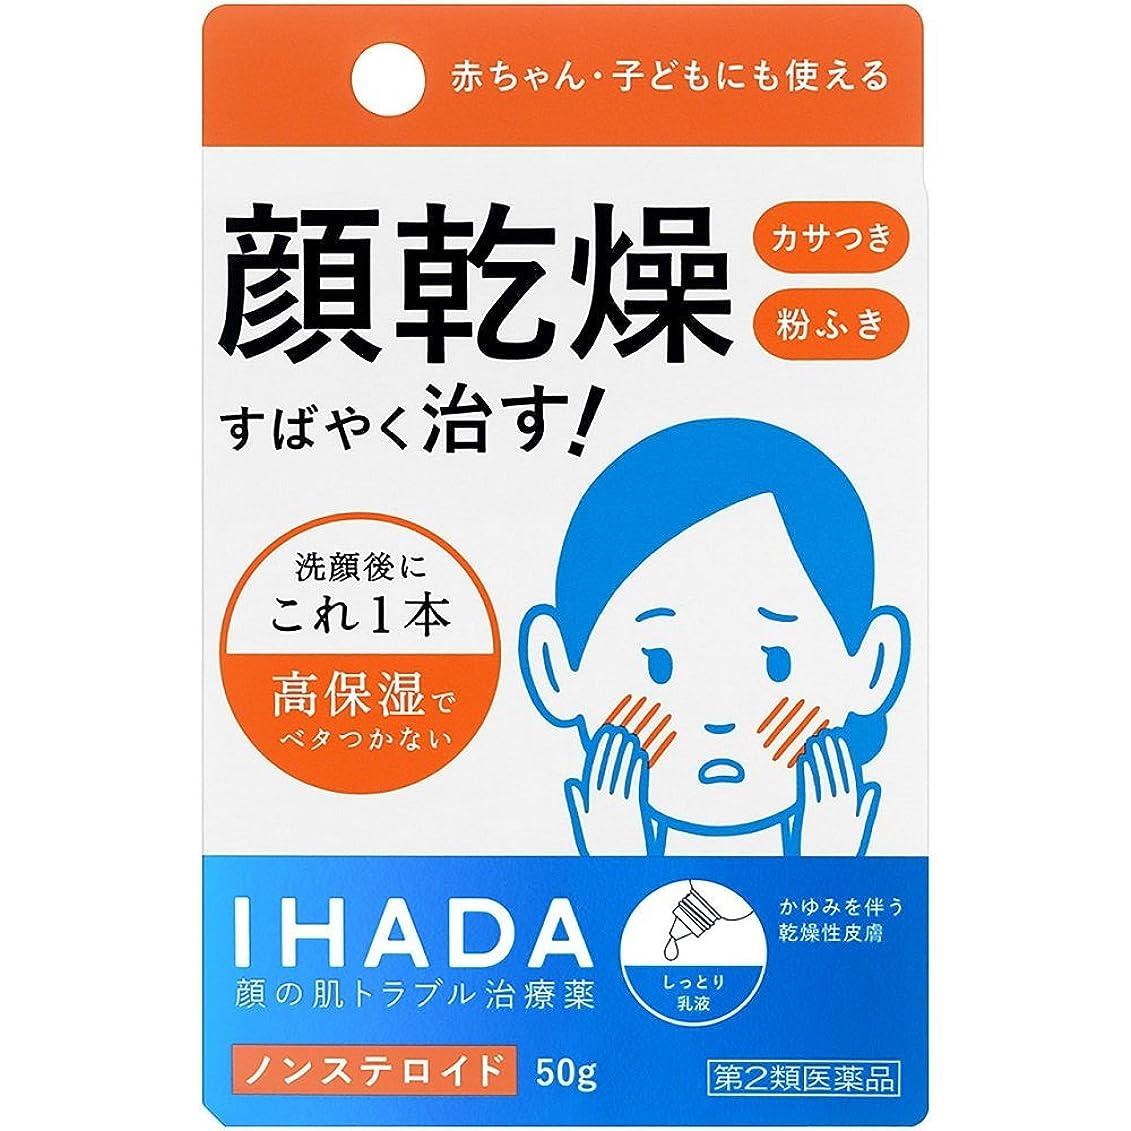 有名人スポンサー啓示【第2類医薬品】イハダ ドライキュア乳液 50g